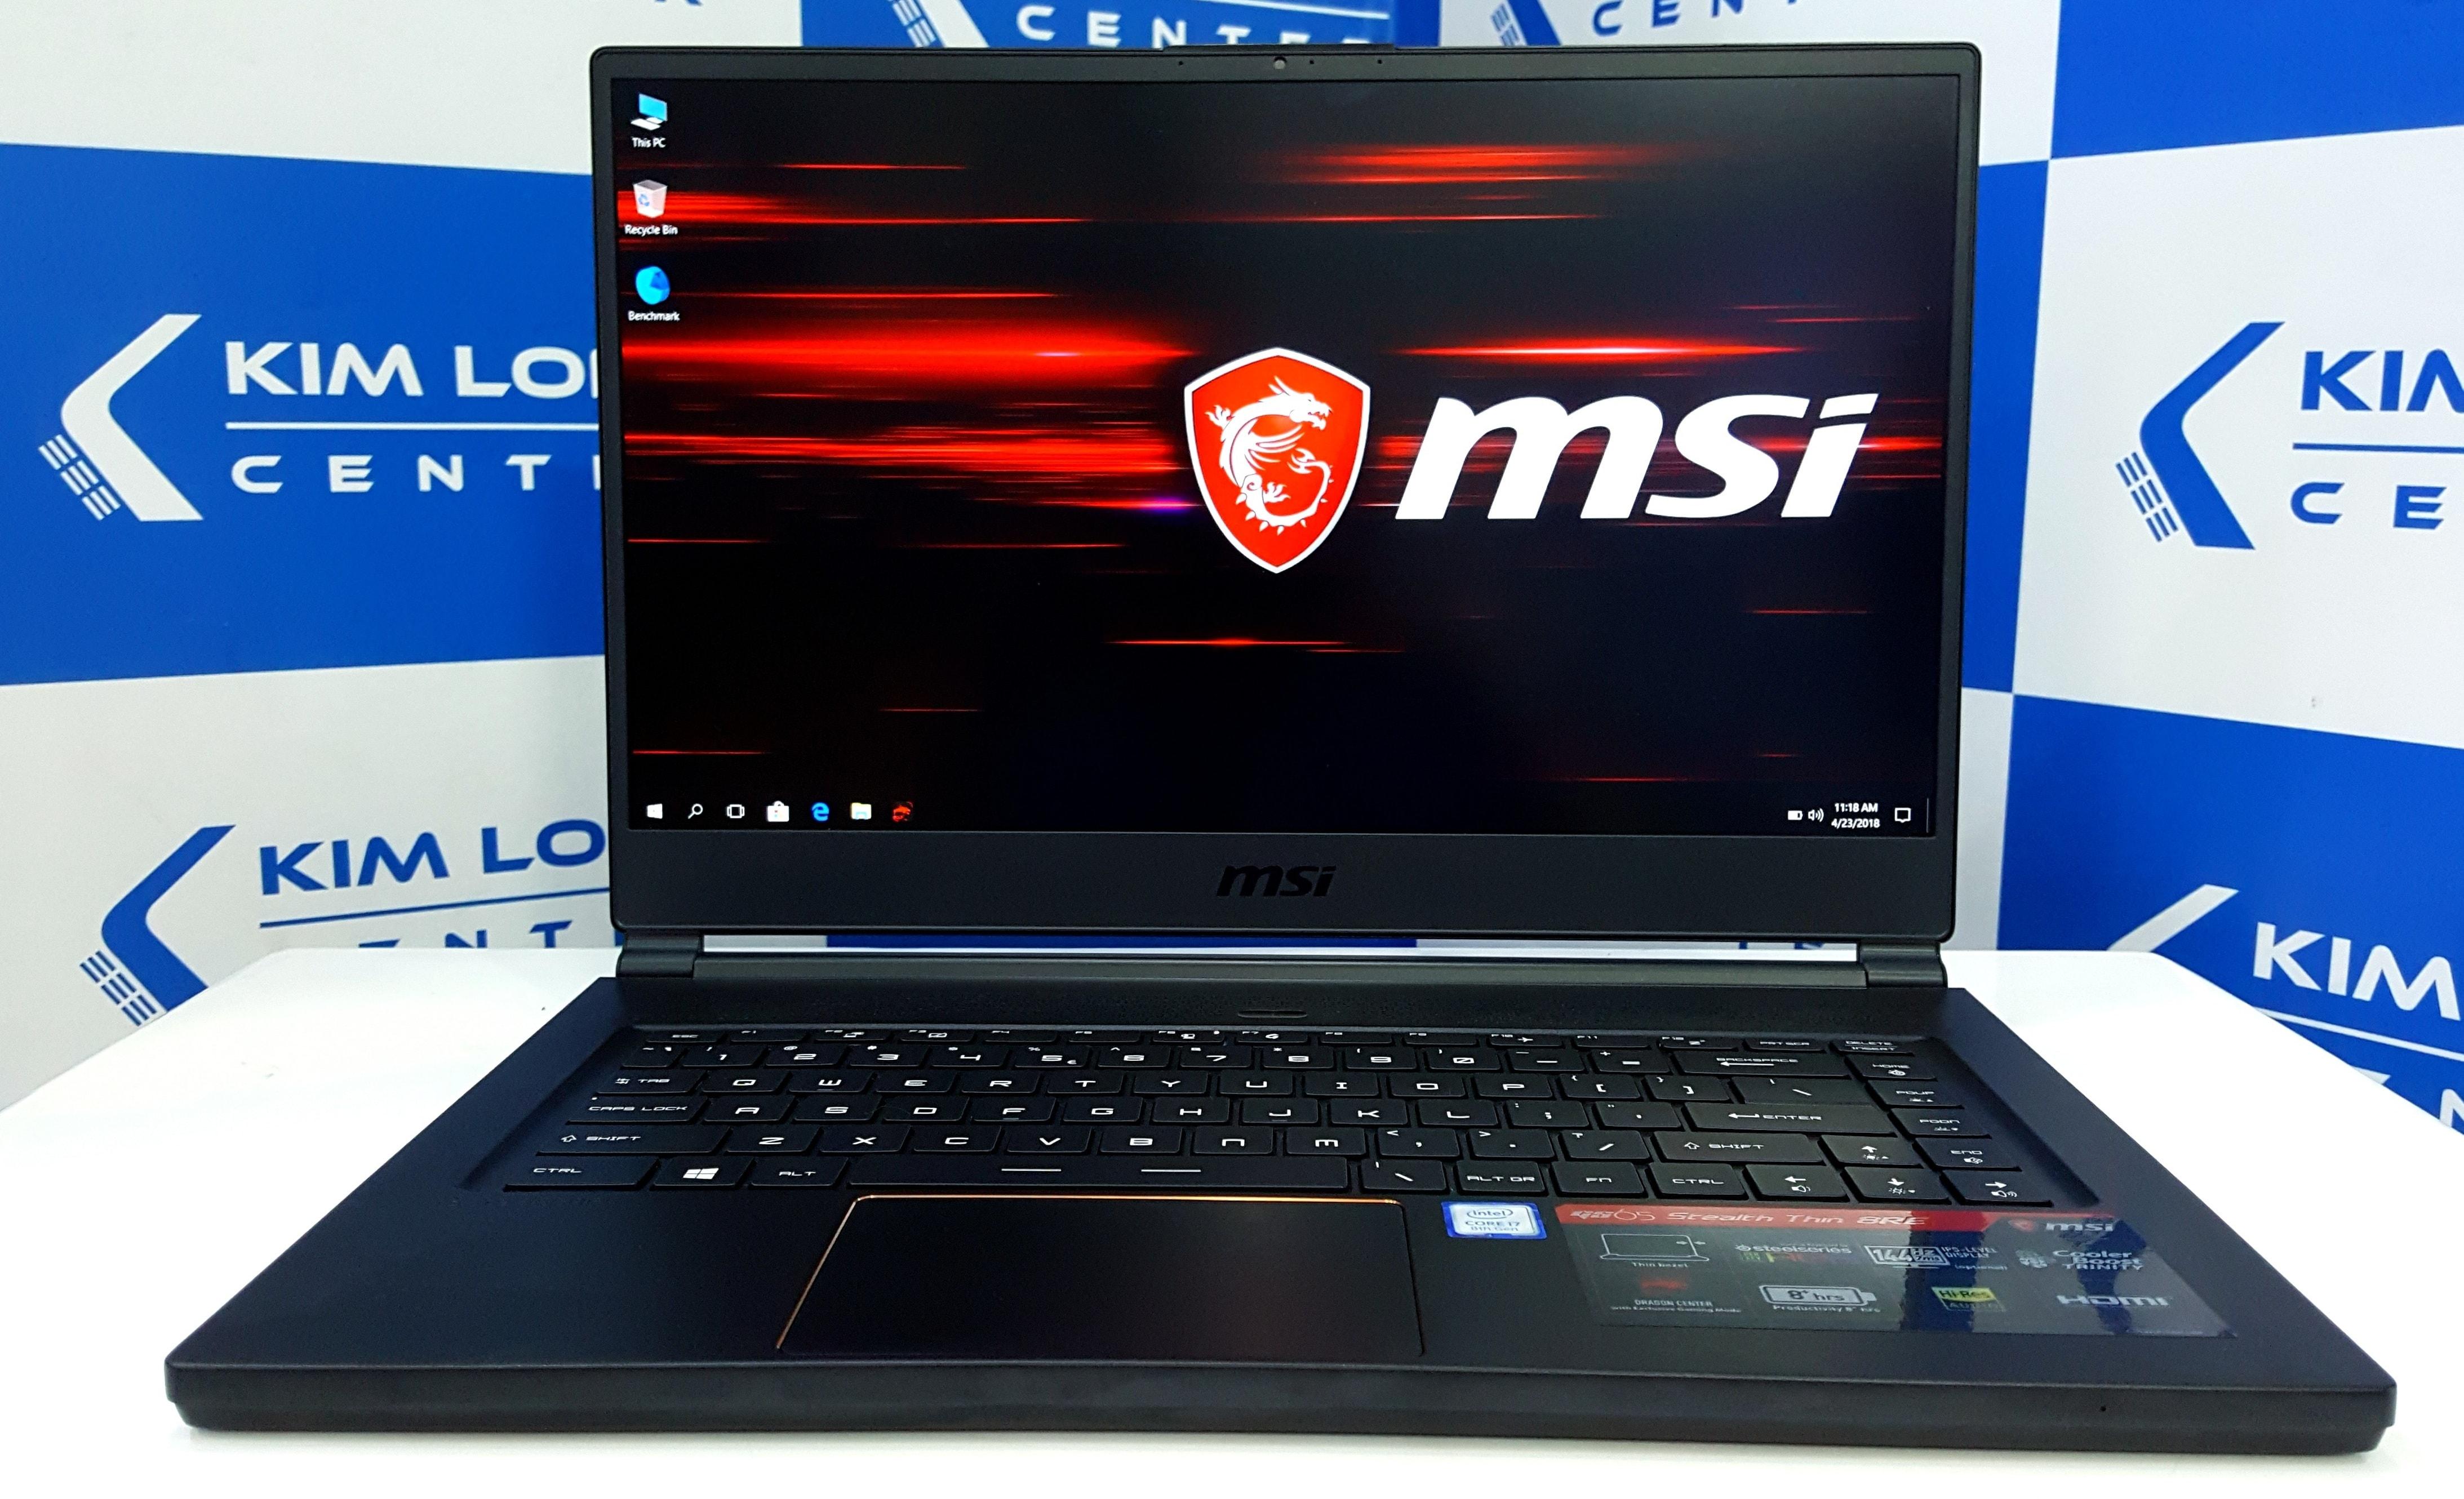 Đánh Giá Laptop MSI GS65 i7 8750H